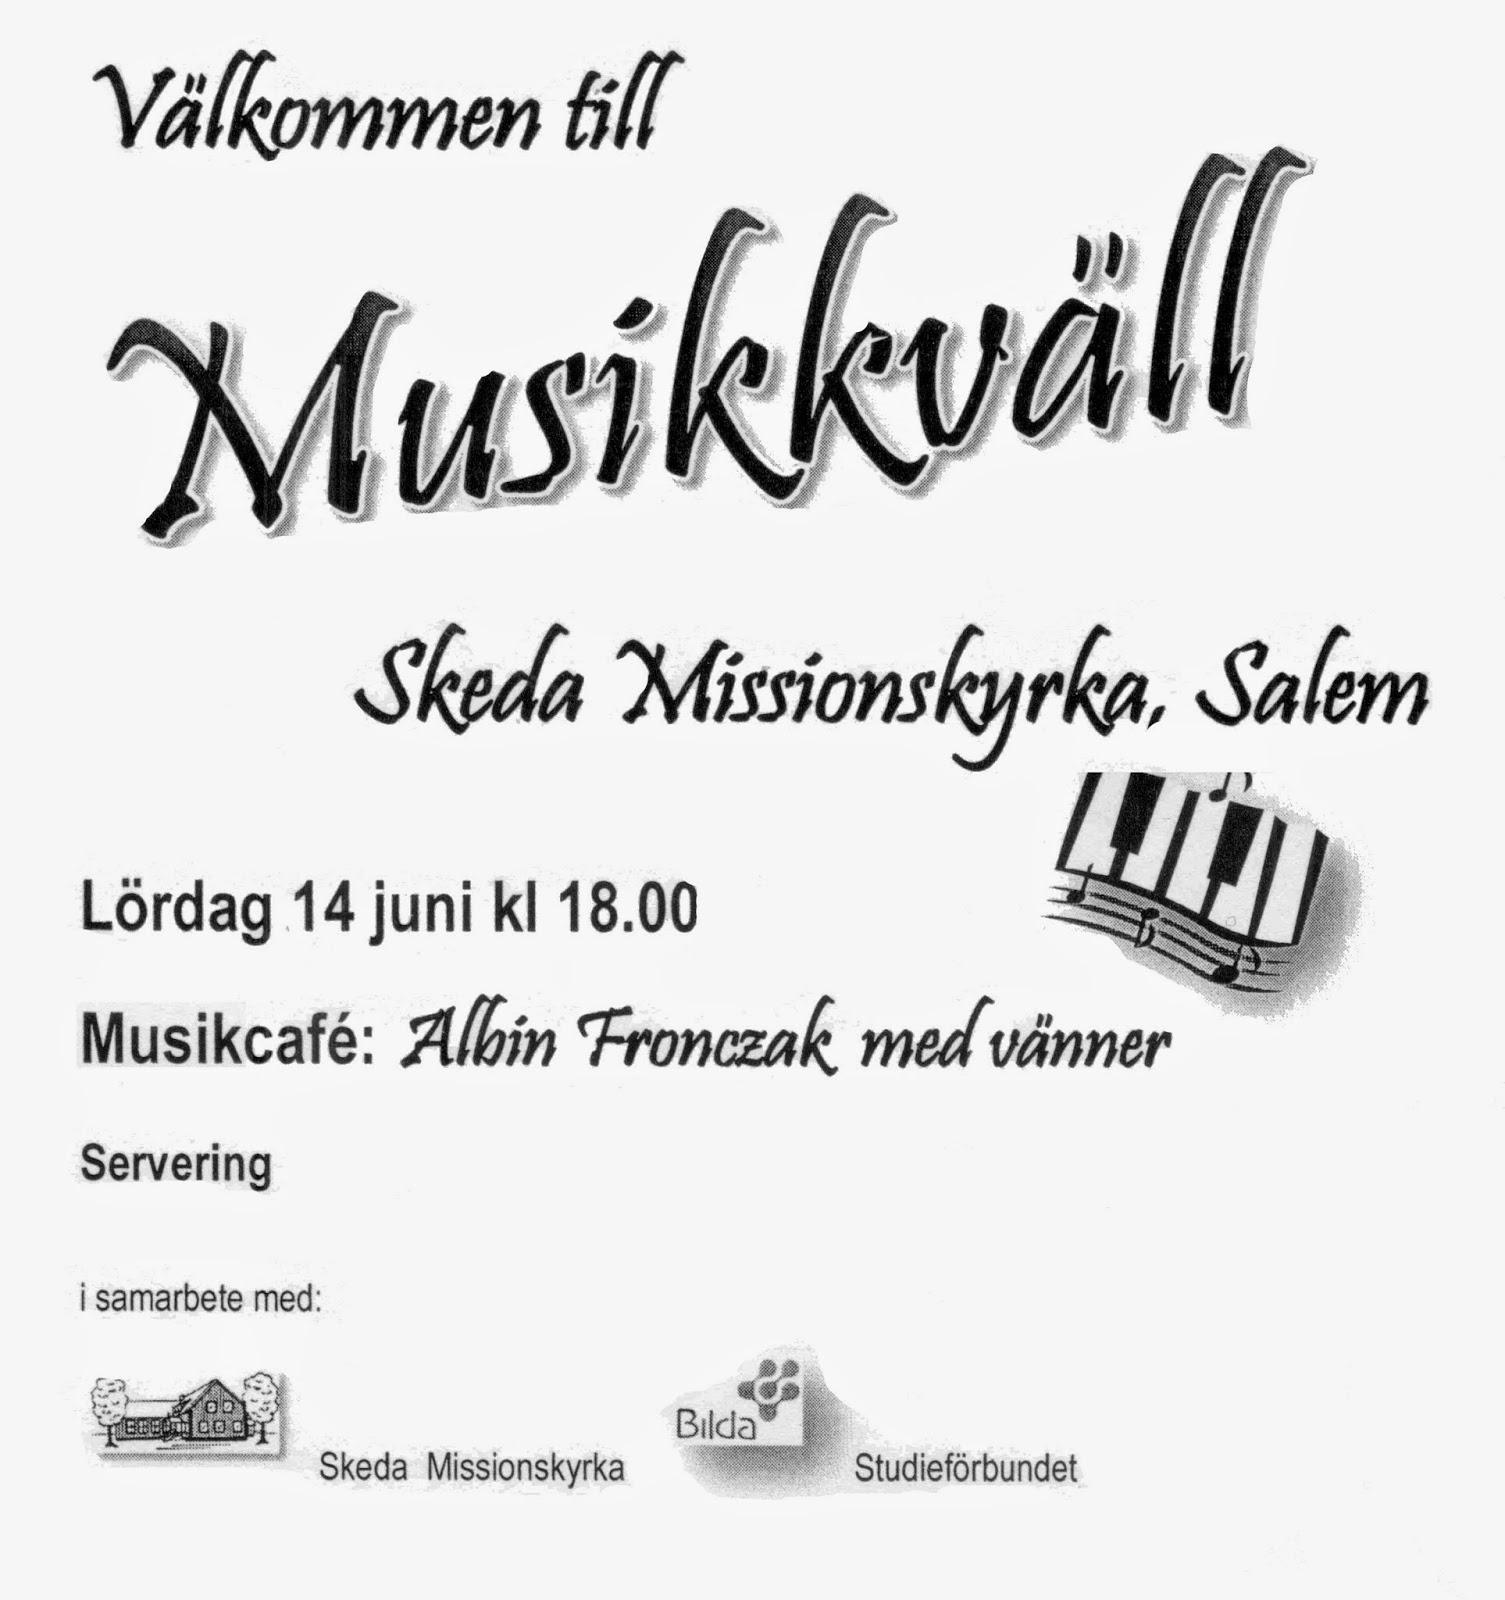 Fröjda  Välkommen till Musikkväll Lördag 14 Juni kl 18.00 b7030a37aec92